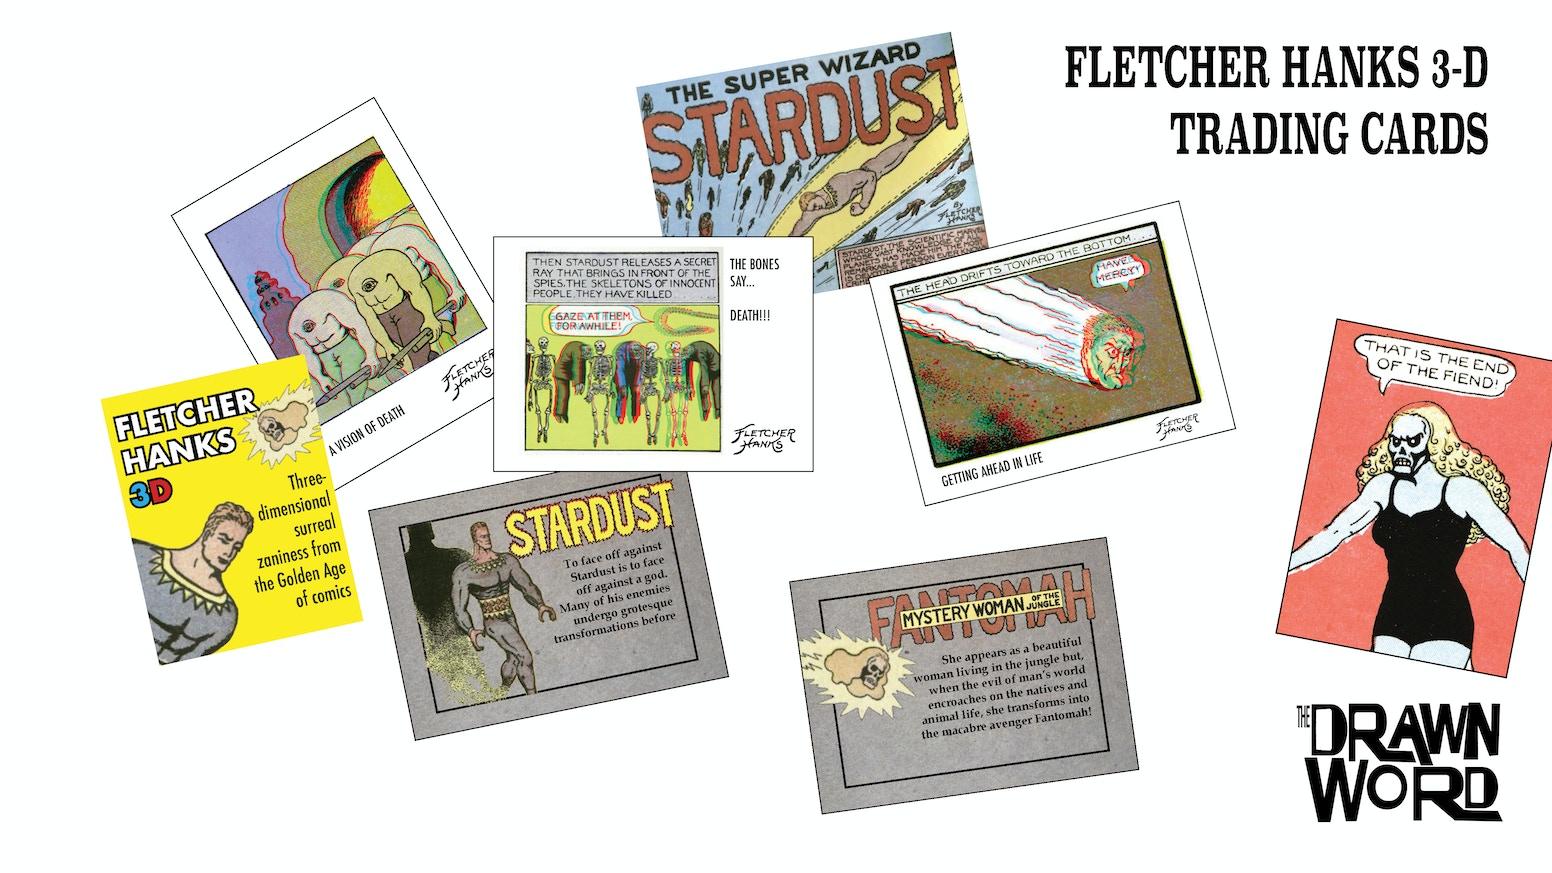 fletcher hanks 3d trading cards - Irving Rewards Card